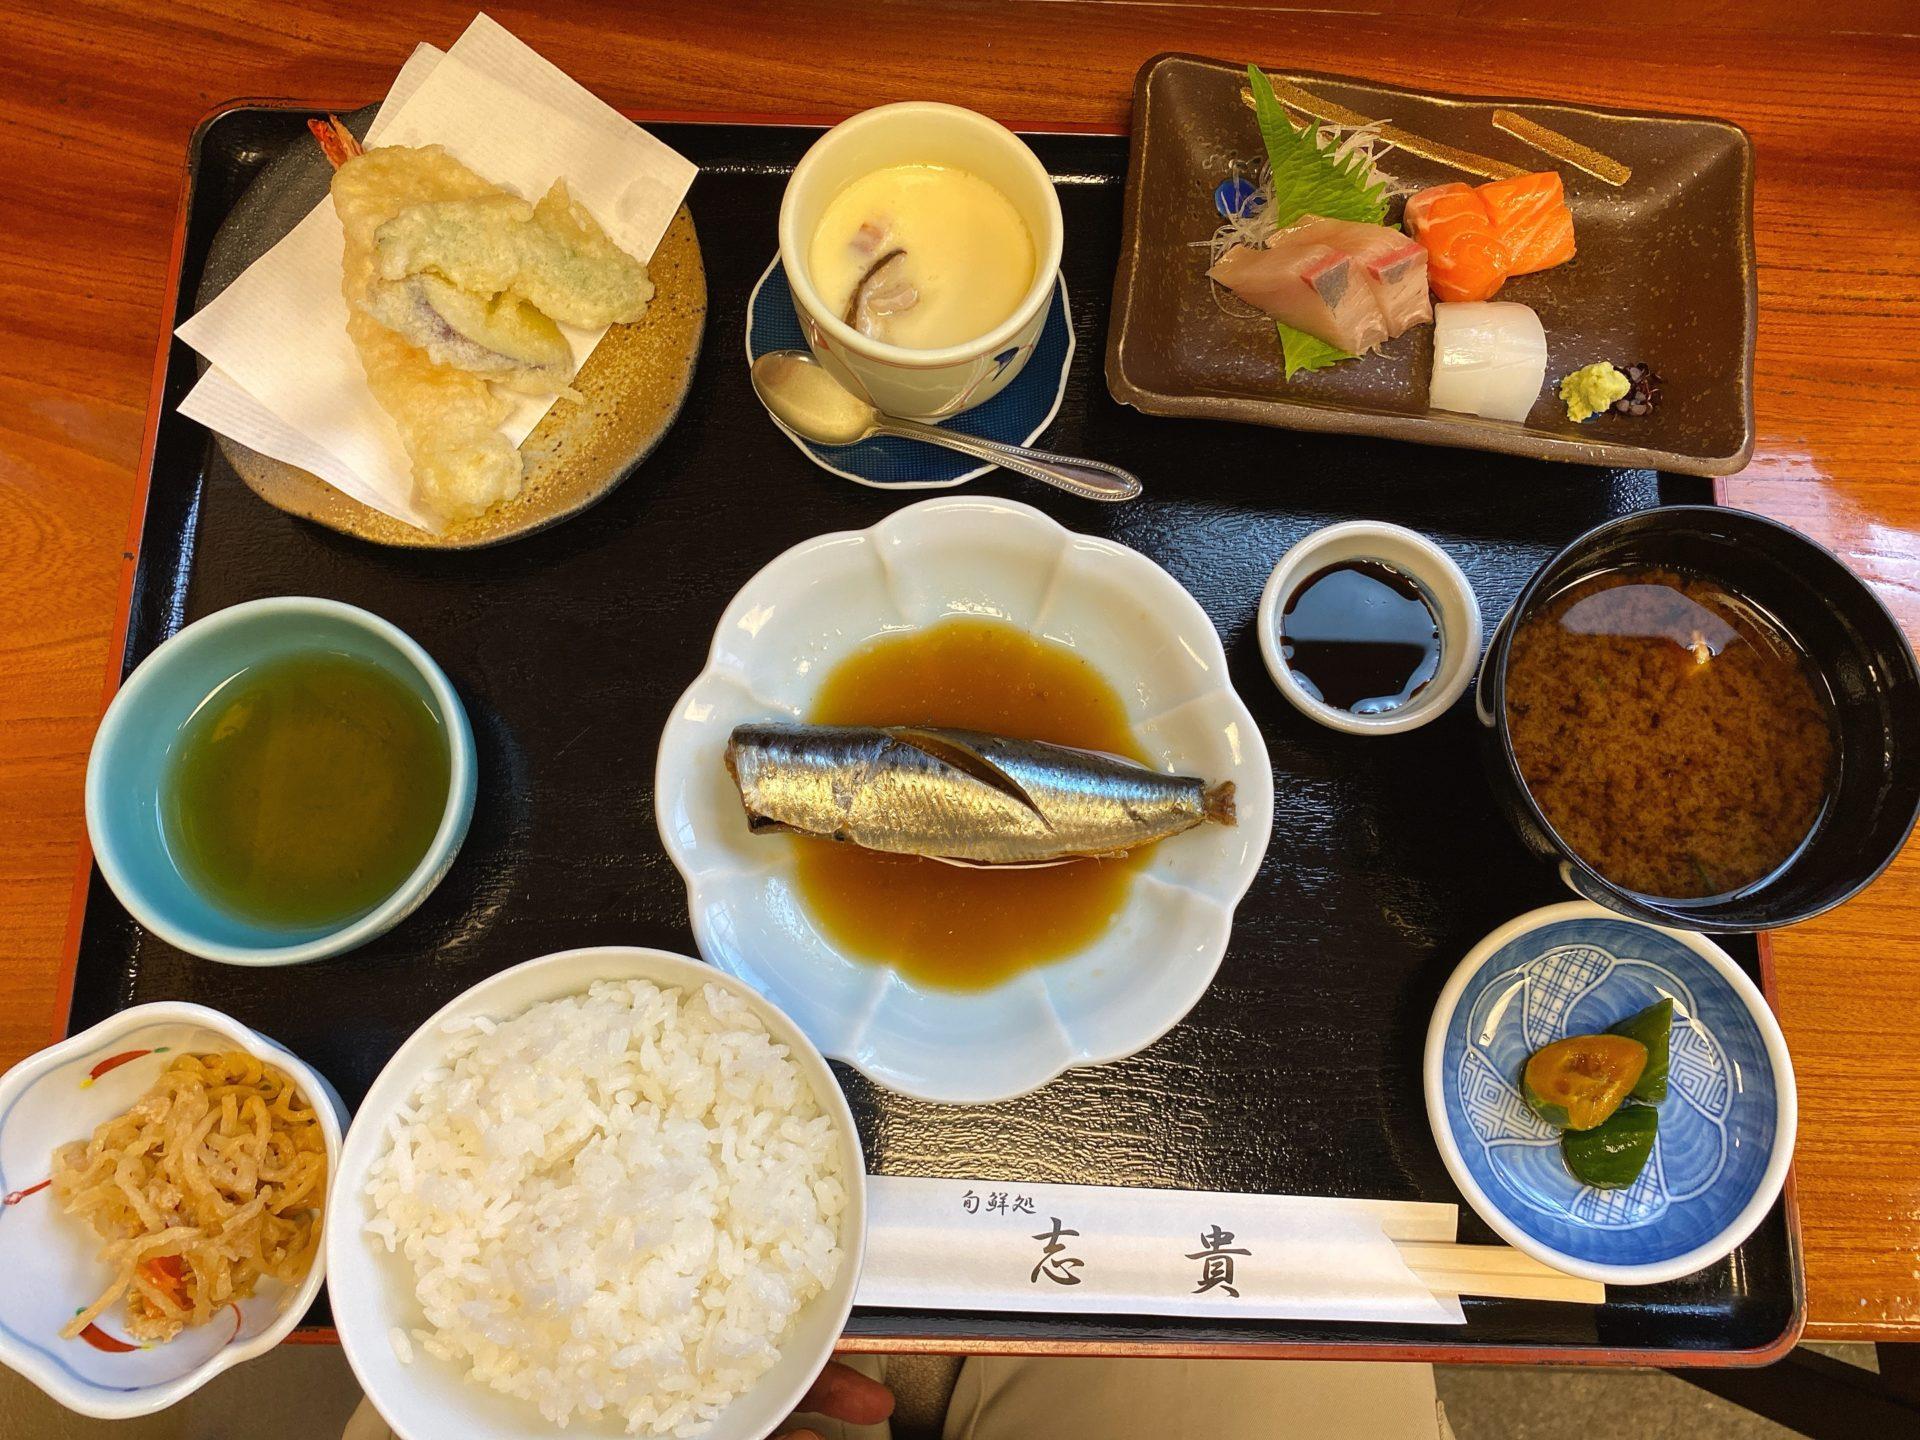 高島駅南口より徒歩5分 和食割烹の店、旬鮮処 志貴で志貴定食に舌鼓!刺身に天ぷら、煮魚等どれも美味しくオススメ!